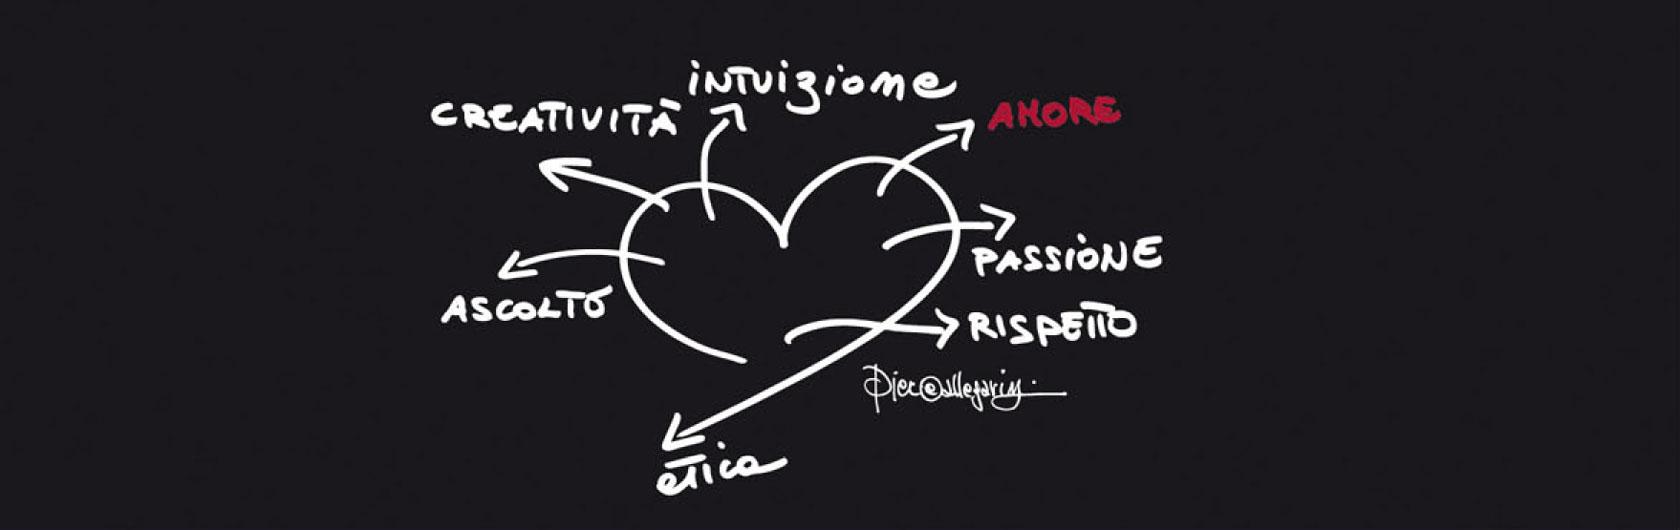 cuore-comunicazione